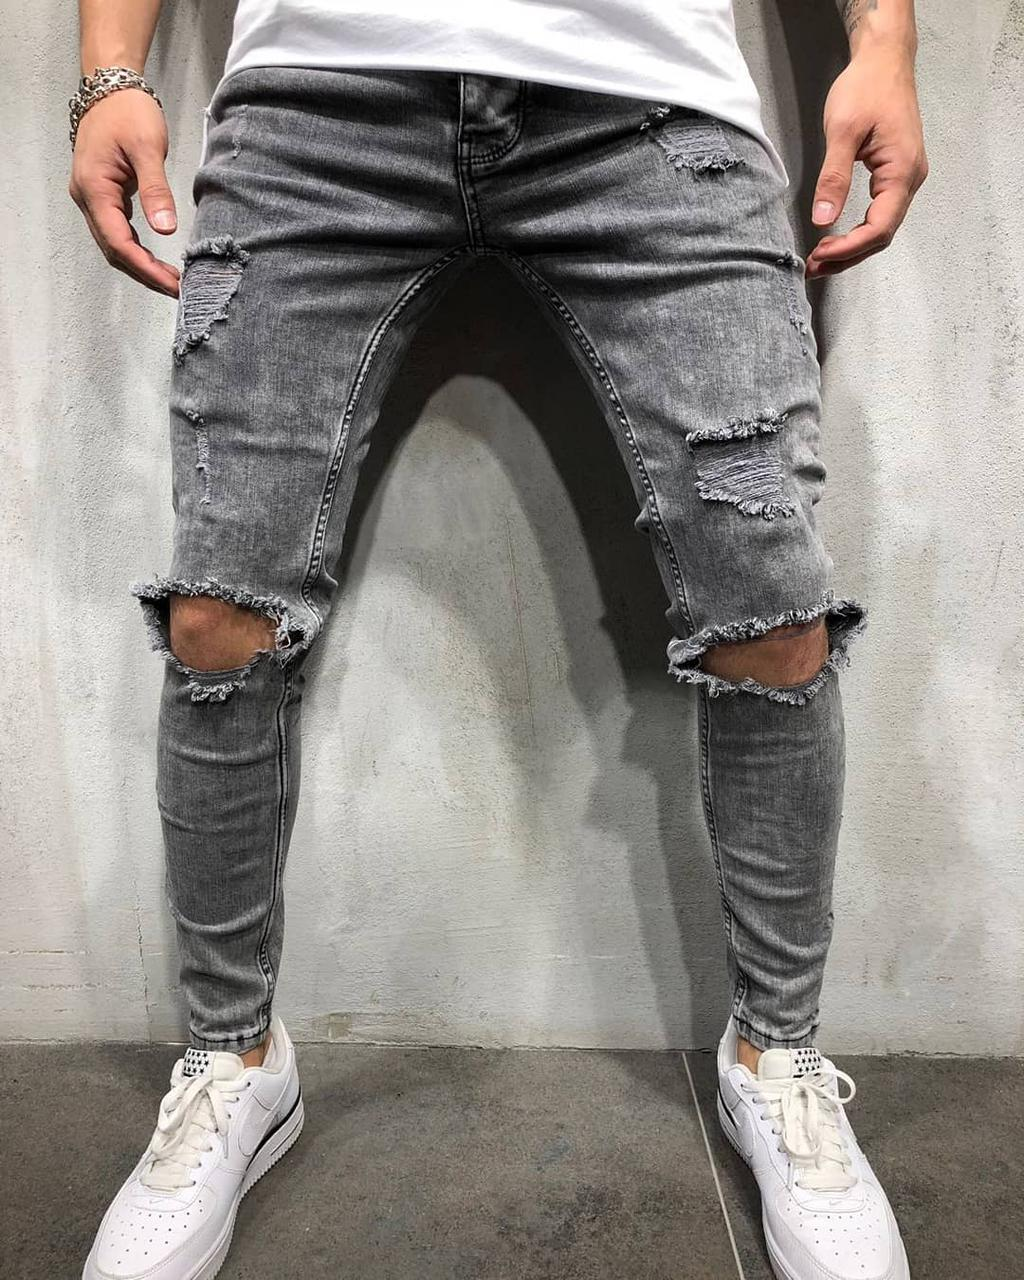 13bf795db4f Мужские джинсы с дырками на коленях (рваные джинсы) серые зауженные -  Krossovki в Киеве